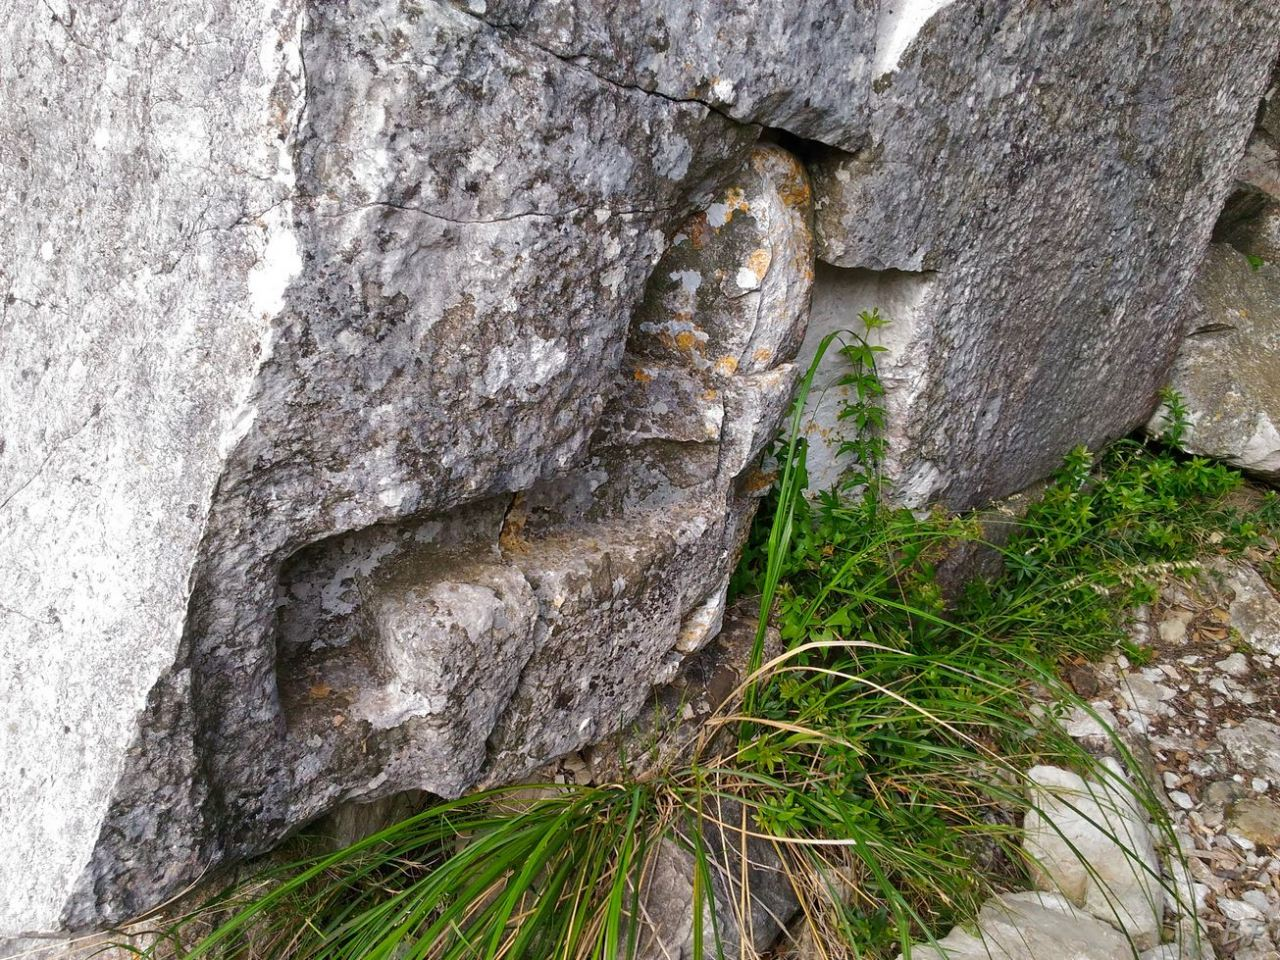 Circeii-Mura-Megalitiche-Poligonali-Latina-Lazio-Italia-18